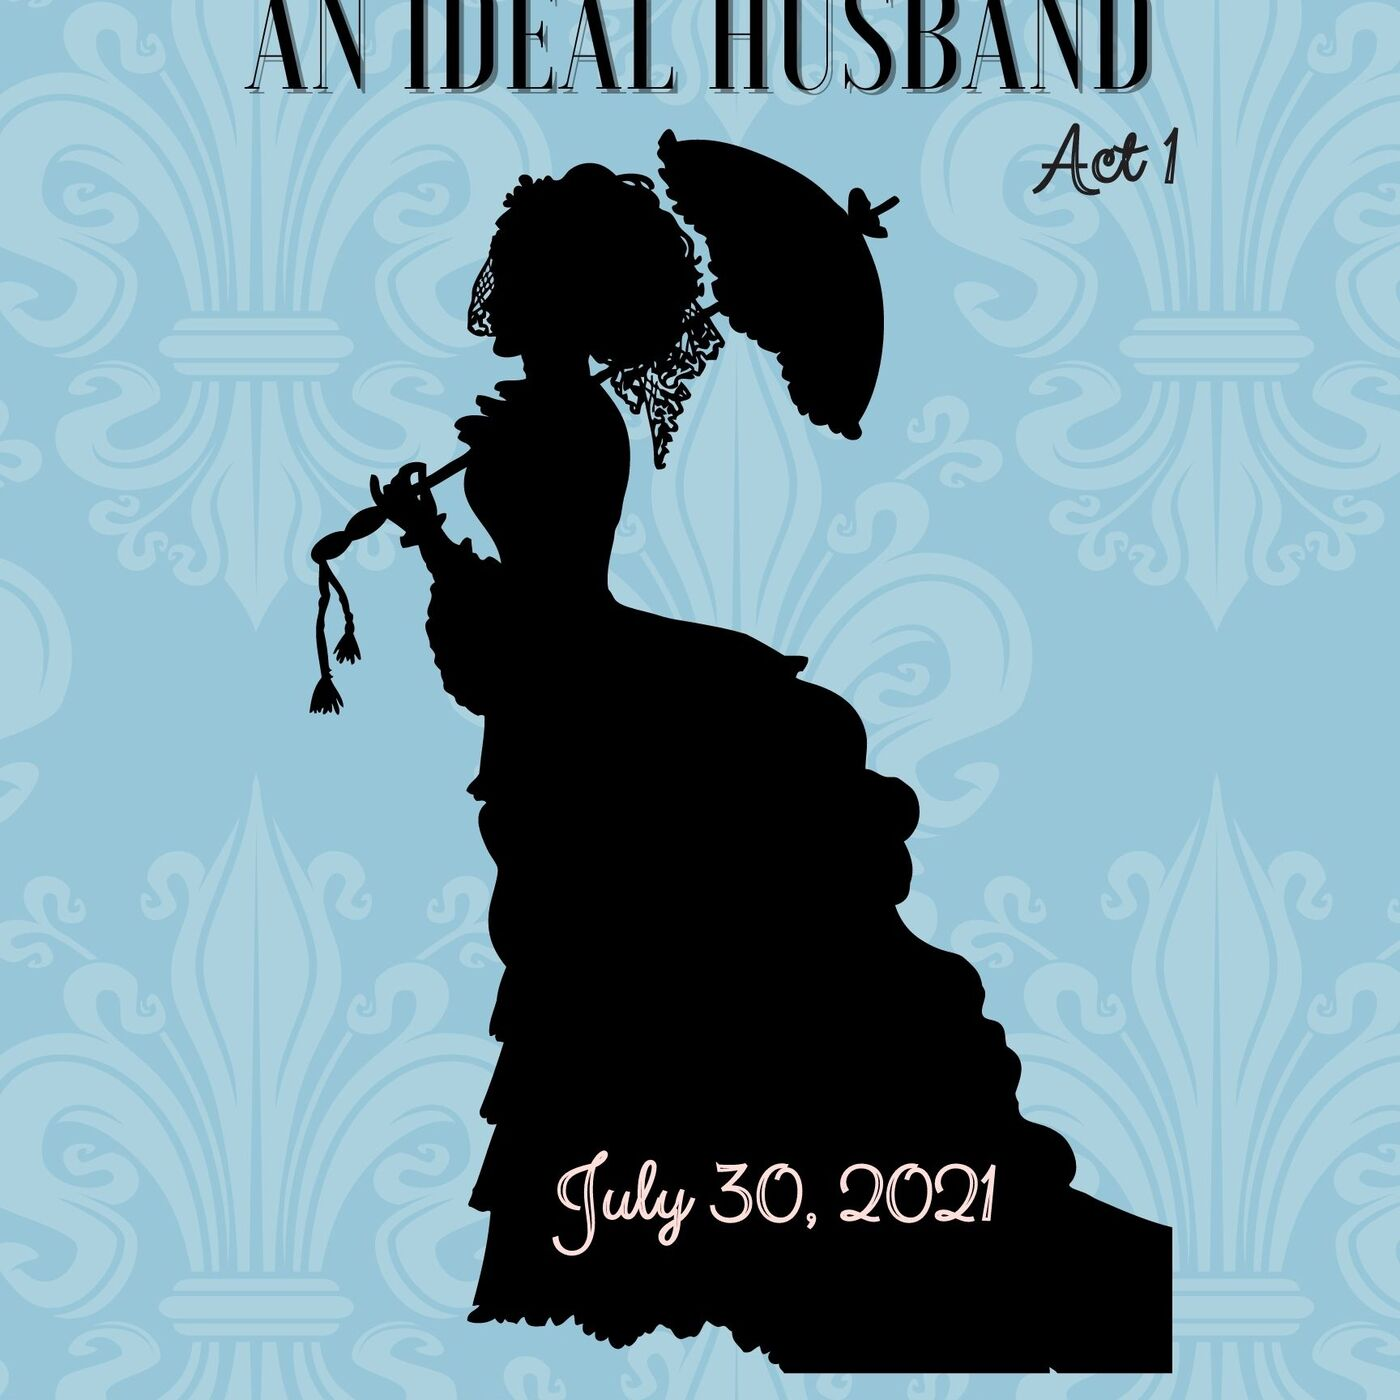 An Ideal Husband - Act 1